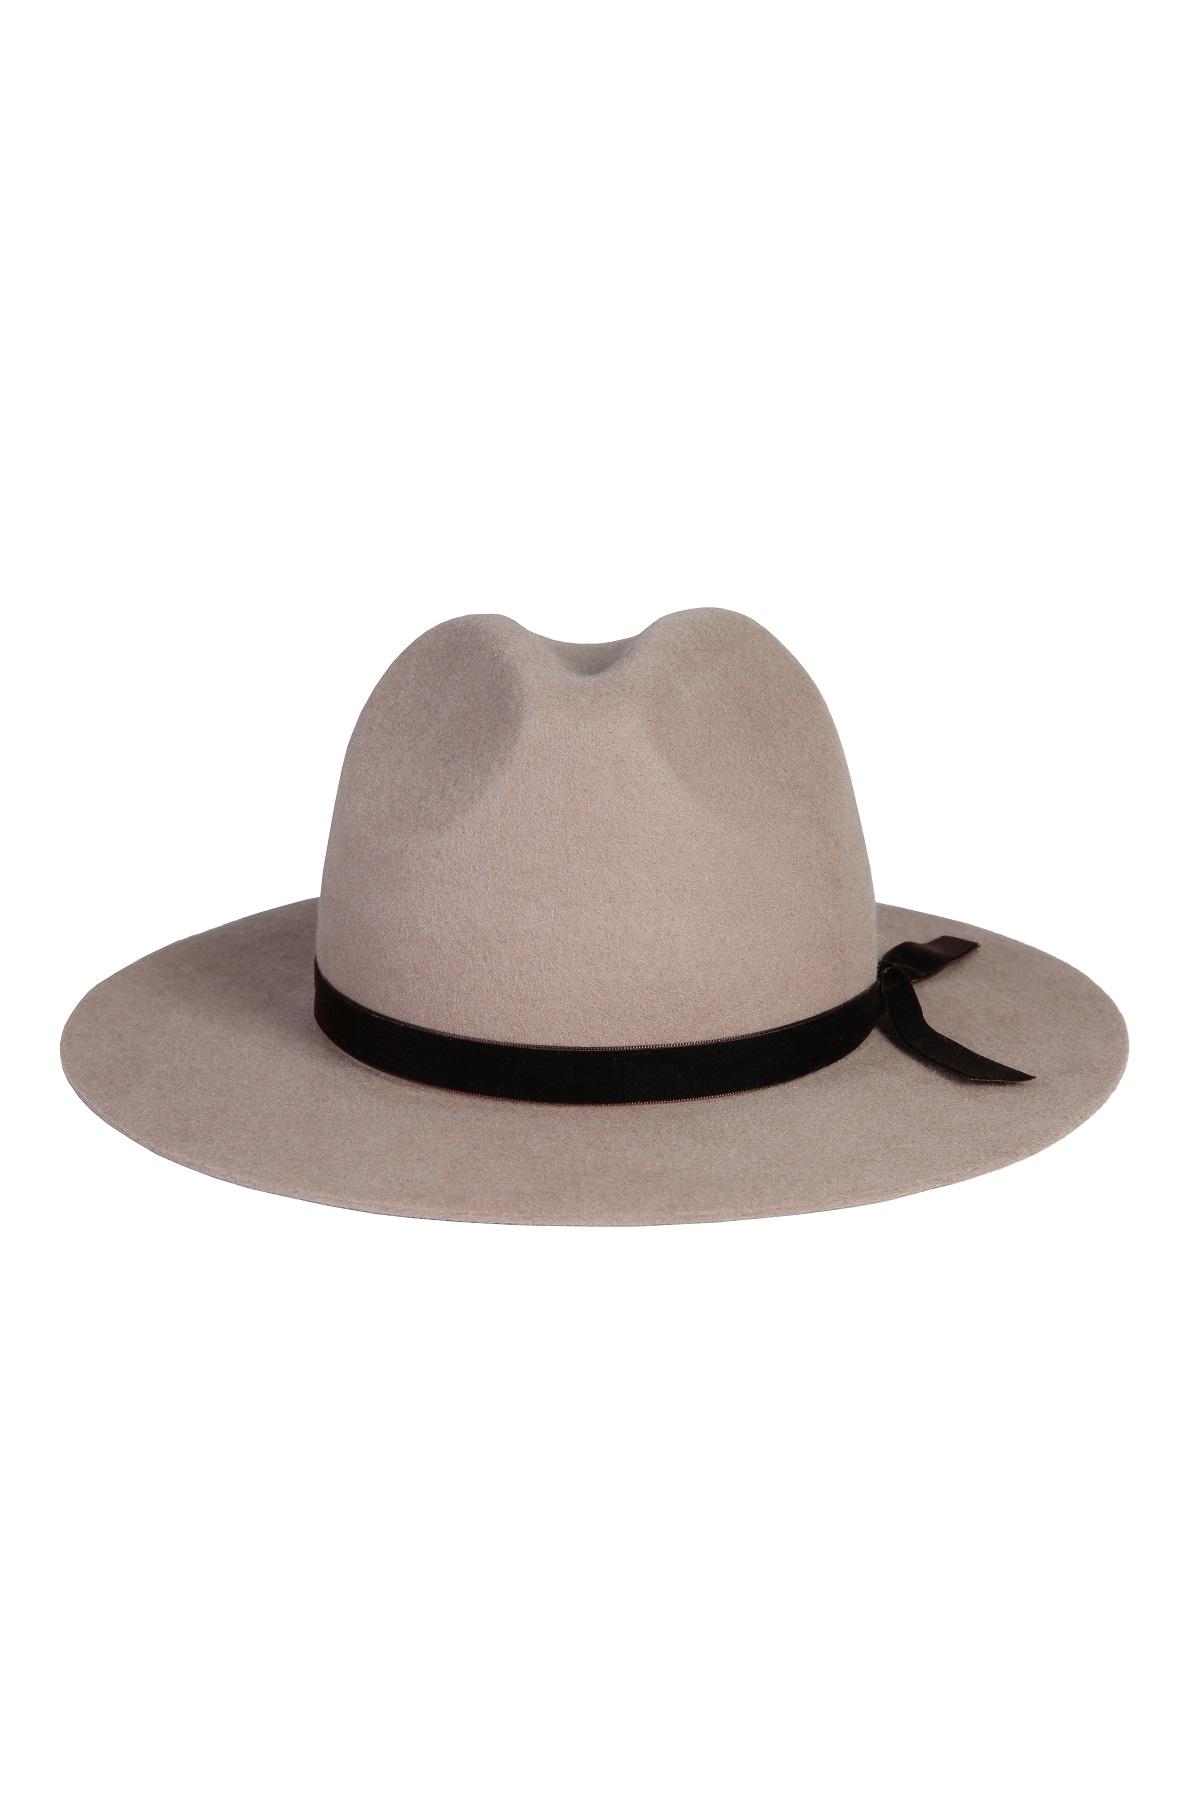 kapelusz indy jasny 3